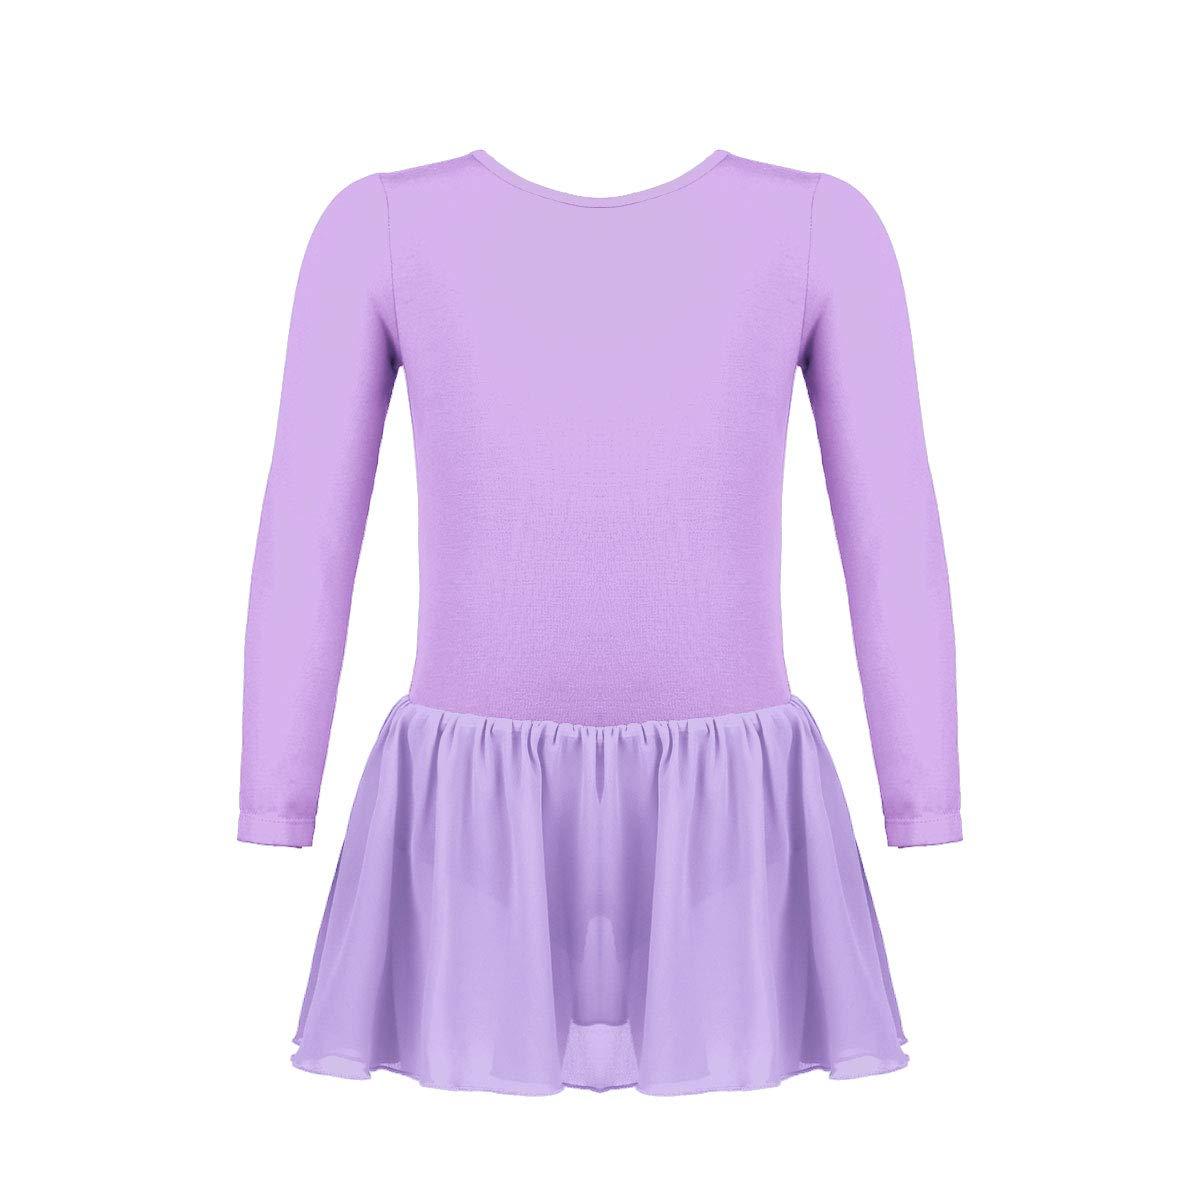 iixpin Robe Ballet Fille Robe de Danse Classique Tutu Ballet Léotard Justaucorps de Danse Gymnastique Manches Longues Robe de Patinage